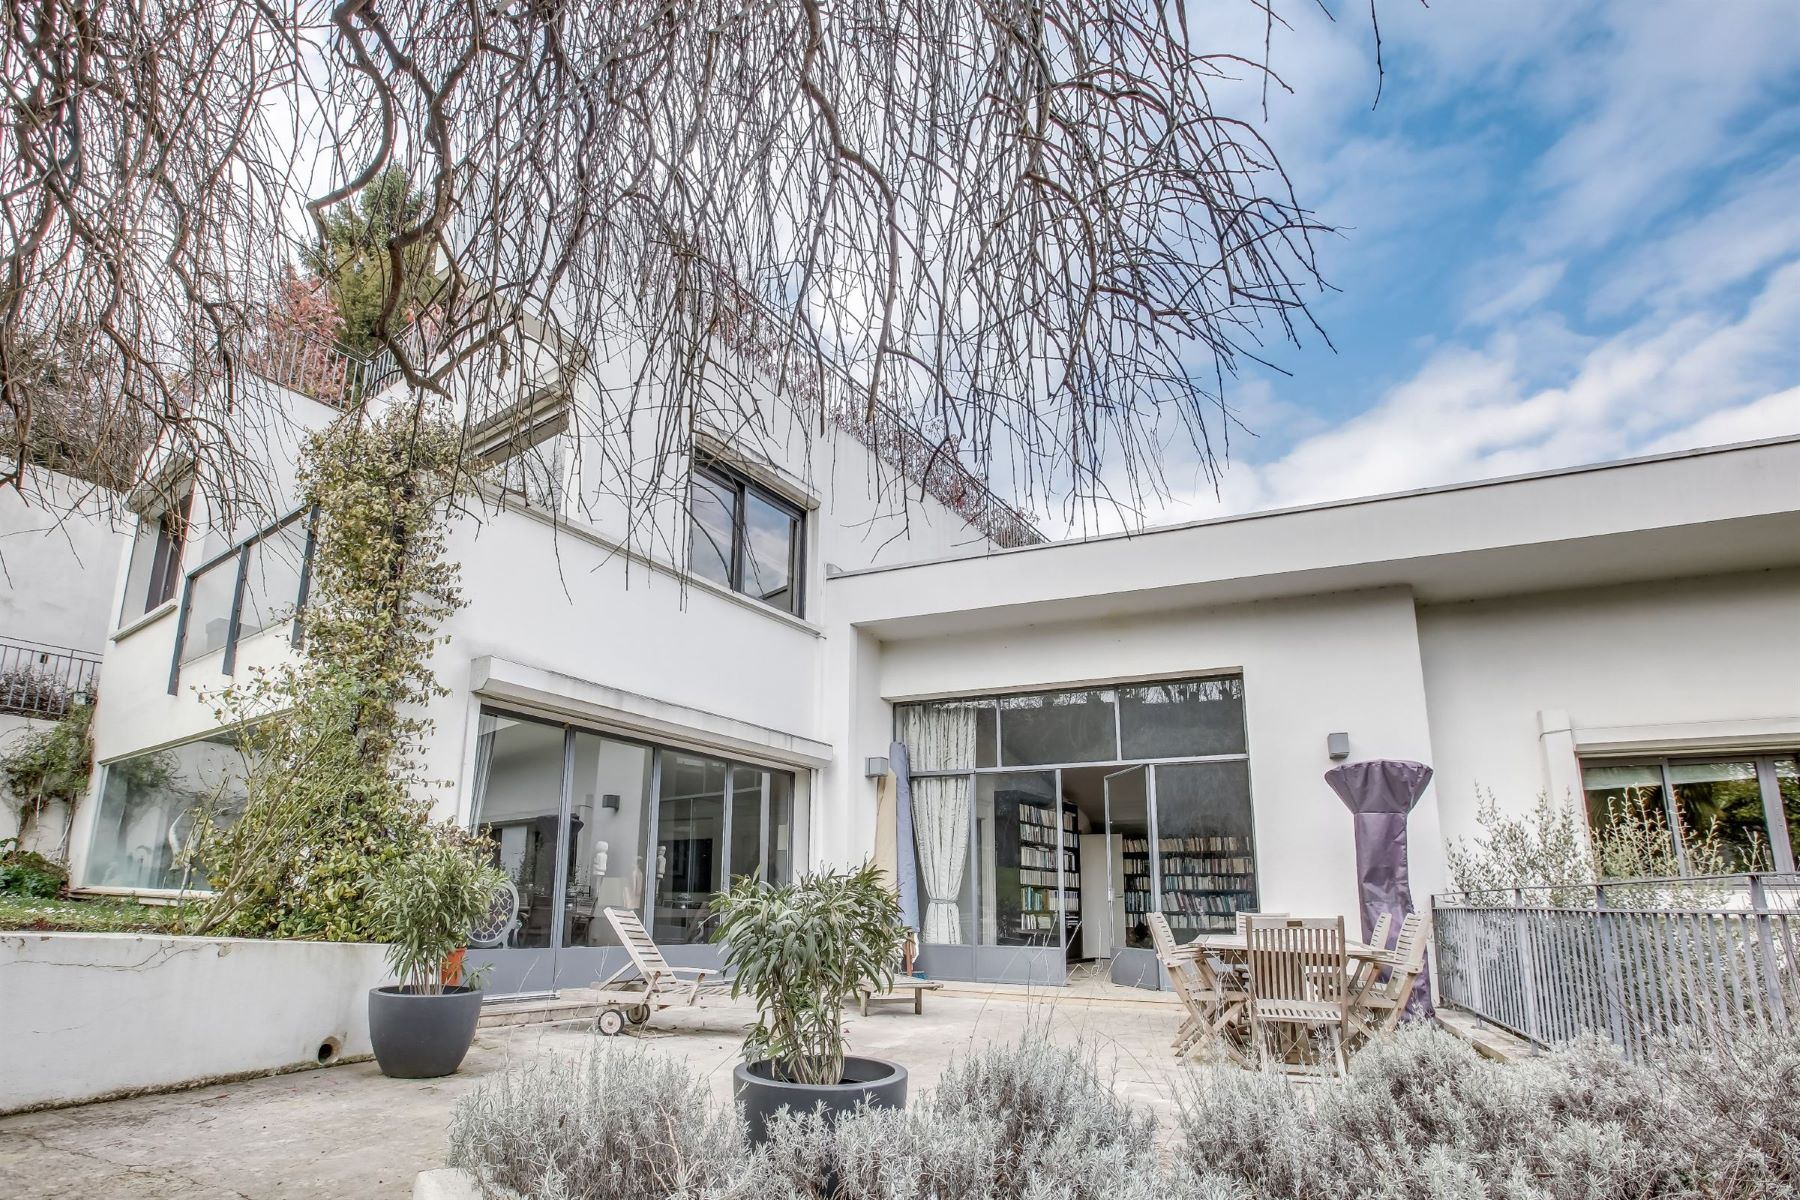 Single Family Home for Sale at Elegant architect property facing South for sale Saint-Cloud Saint-Cloud village Other Ile-De-France, Ile-De-France, 92210 France